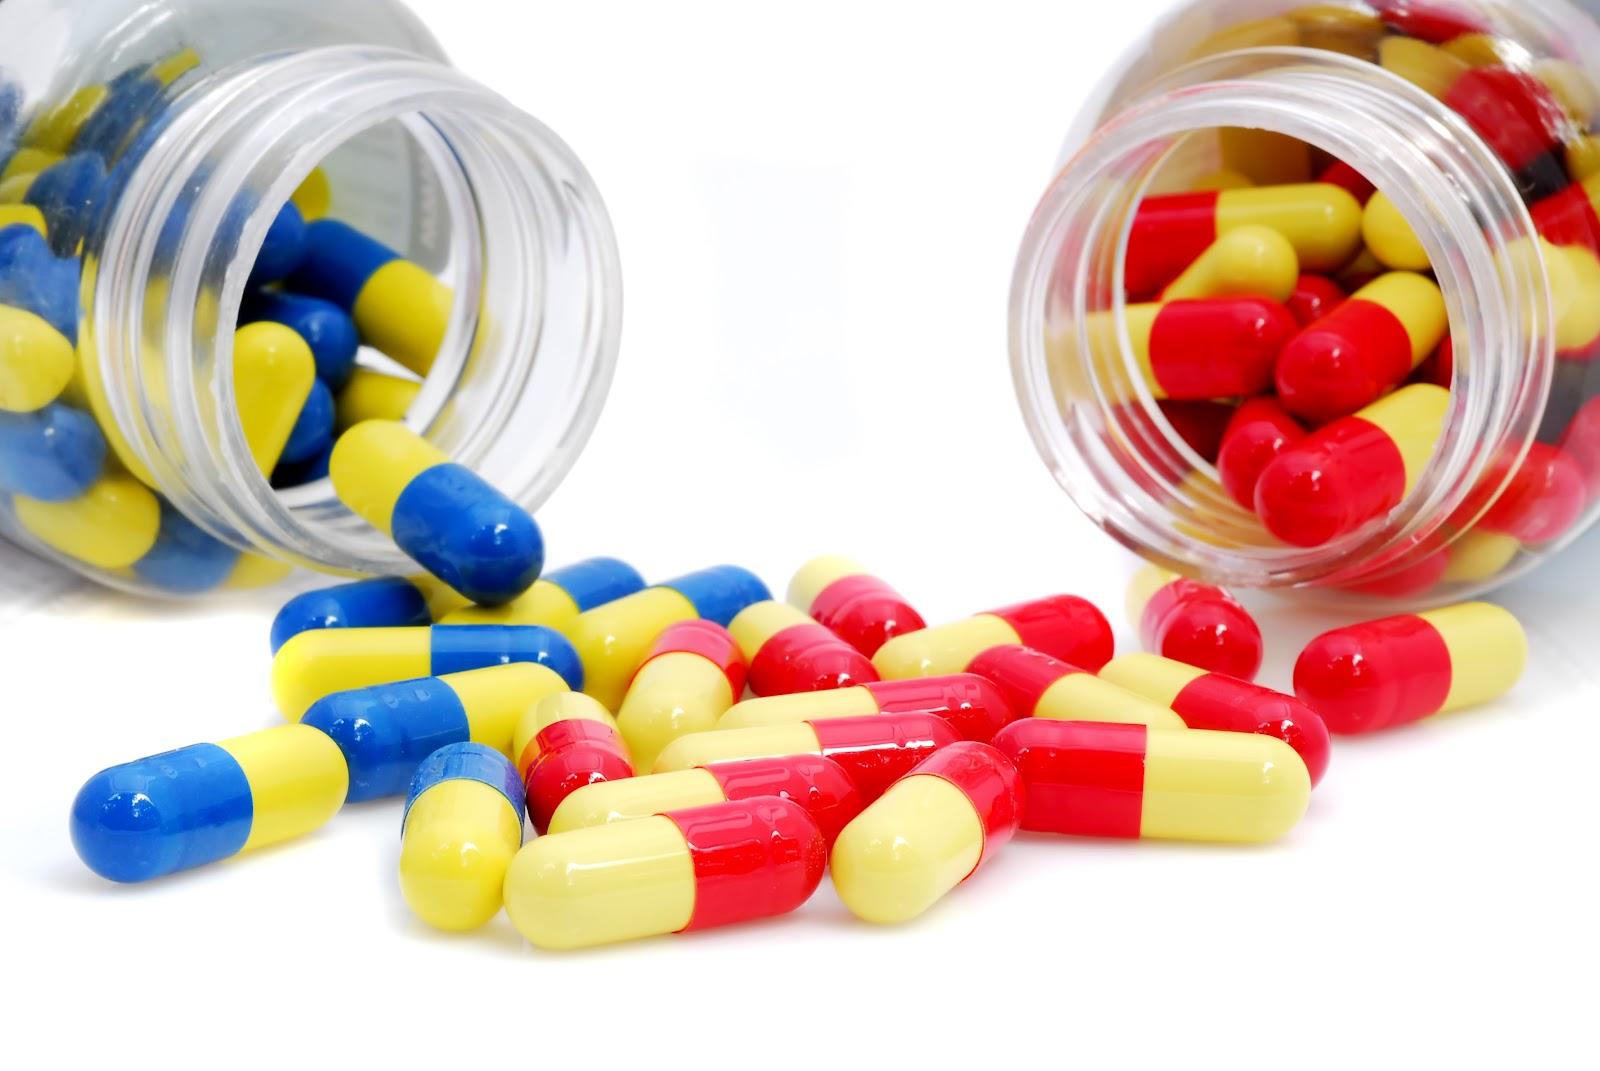 capsulas-de-remédio-020716-1.jpg